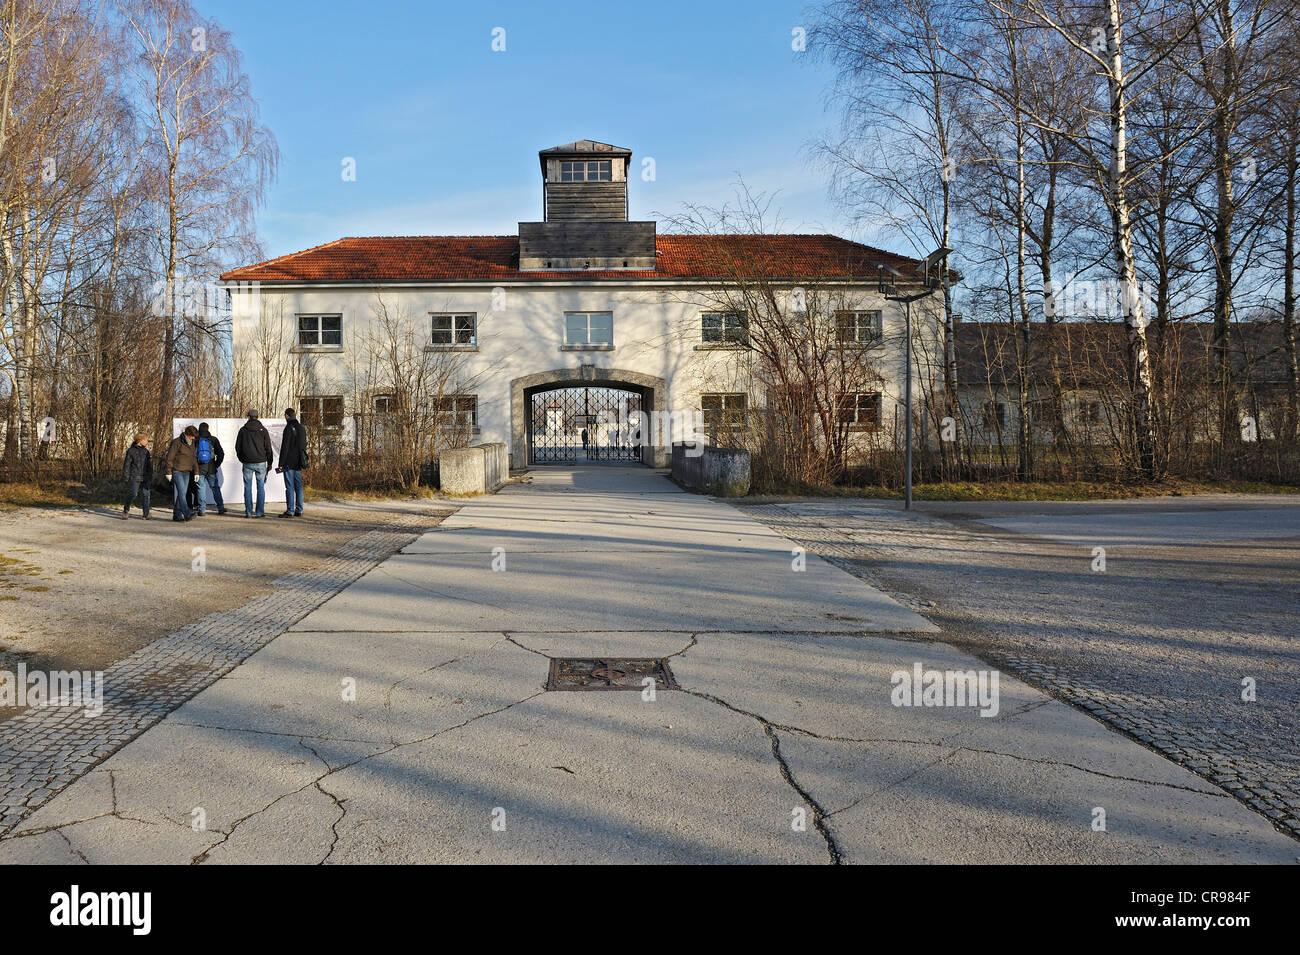 Jourhaus, dem Eingang Buillding des KZ Dachau, Dachau, in der Nähe von München, Bayern, Deutschland, Europa Stockbild